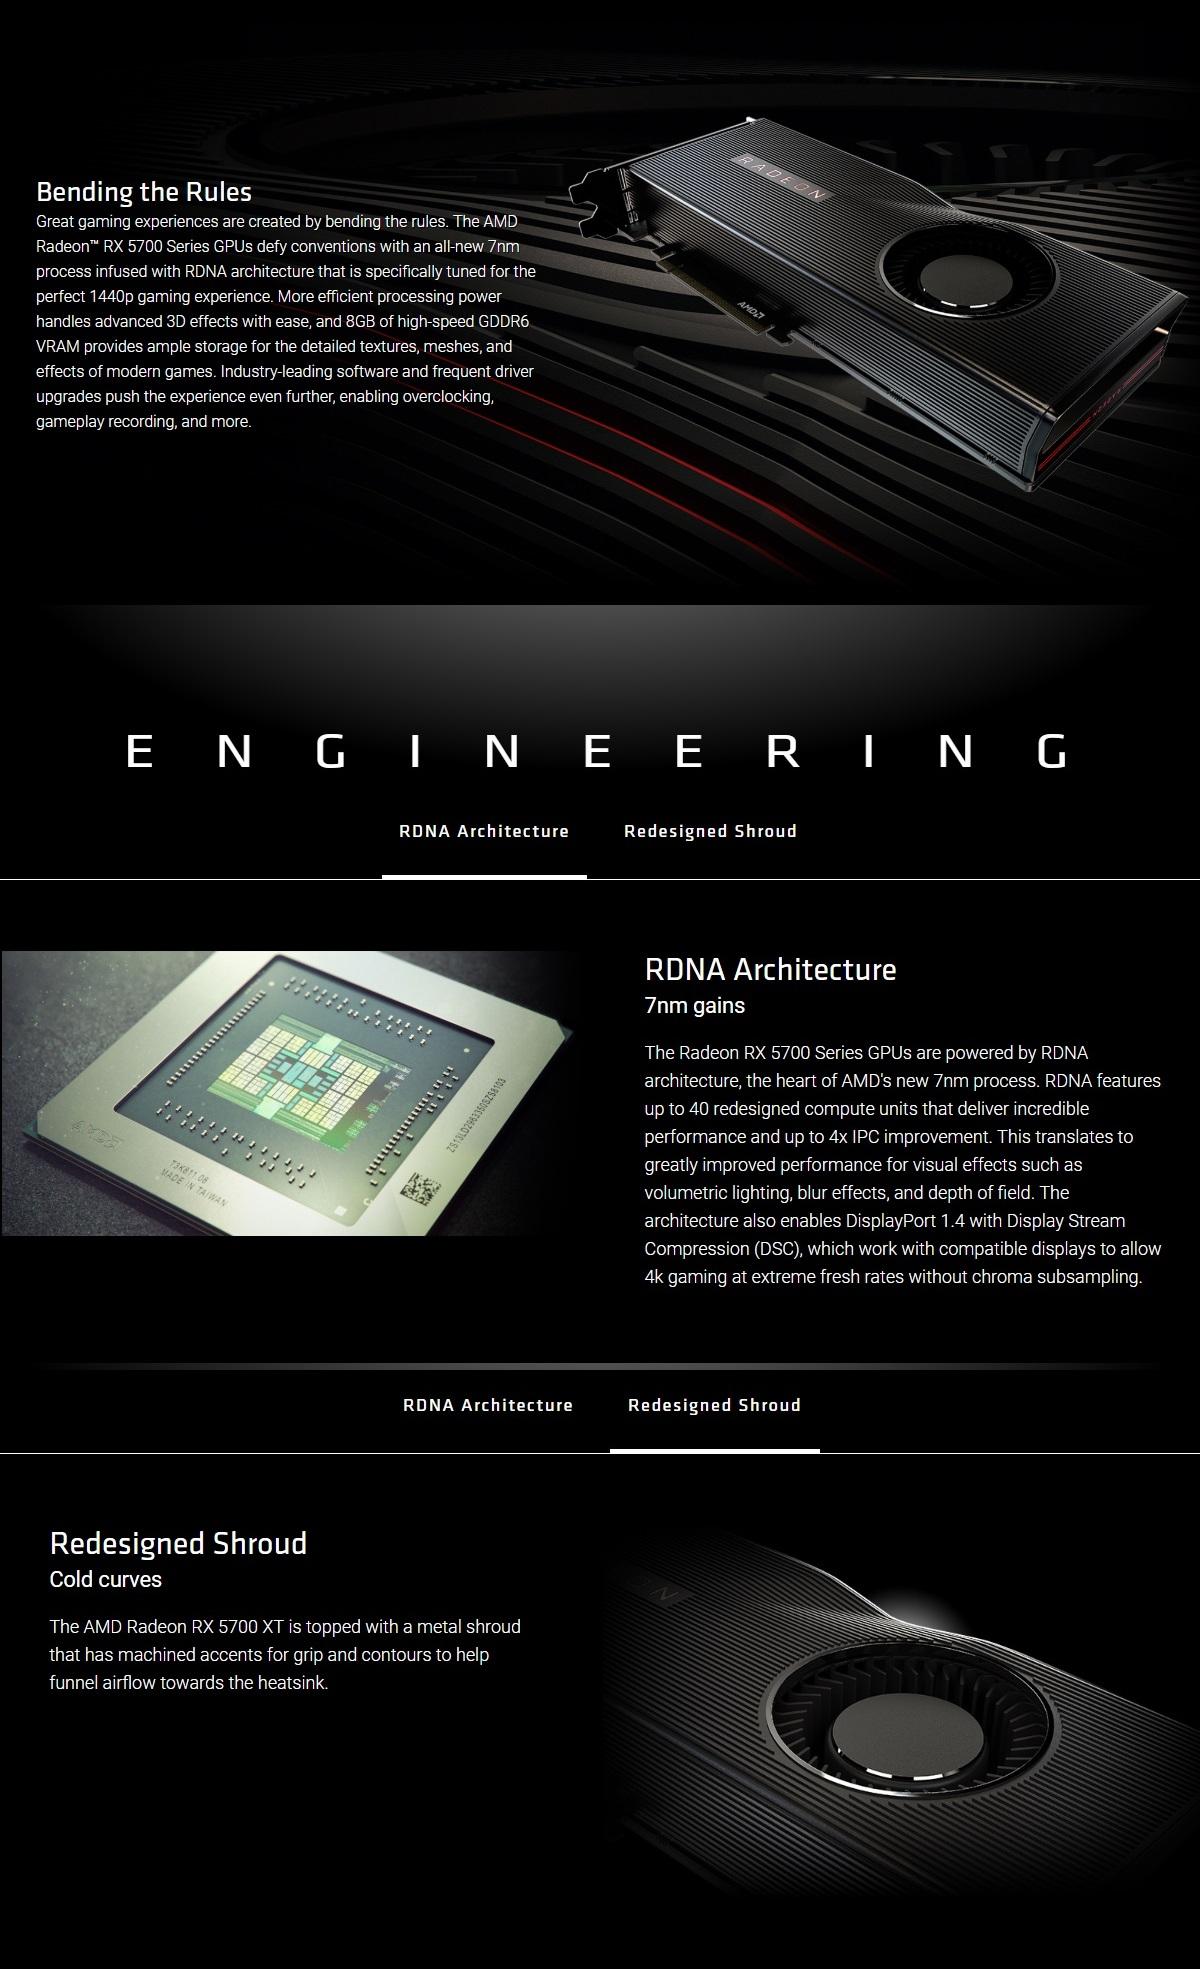 Asus Radeon RX 5700 XT 8GB Gaming Graphics Card